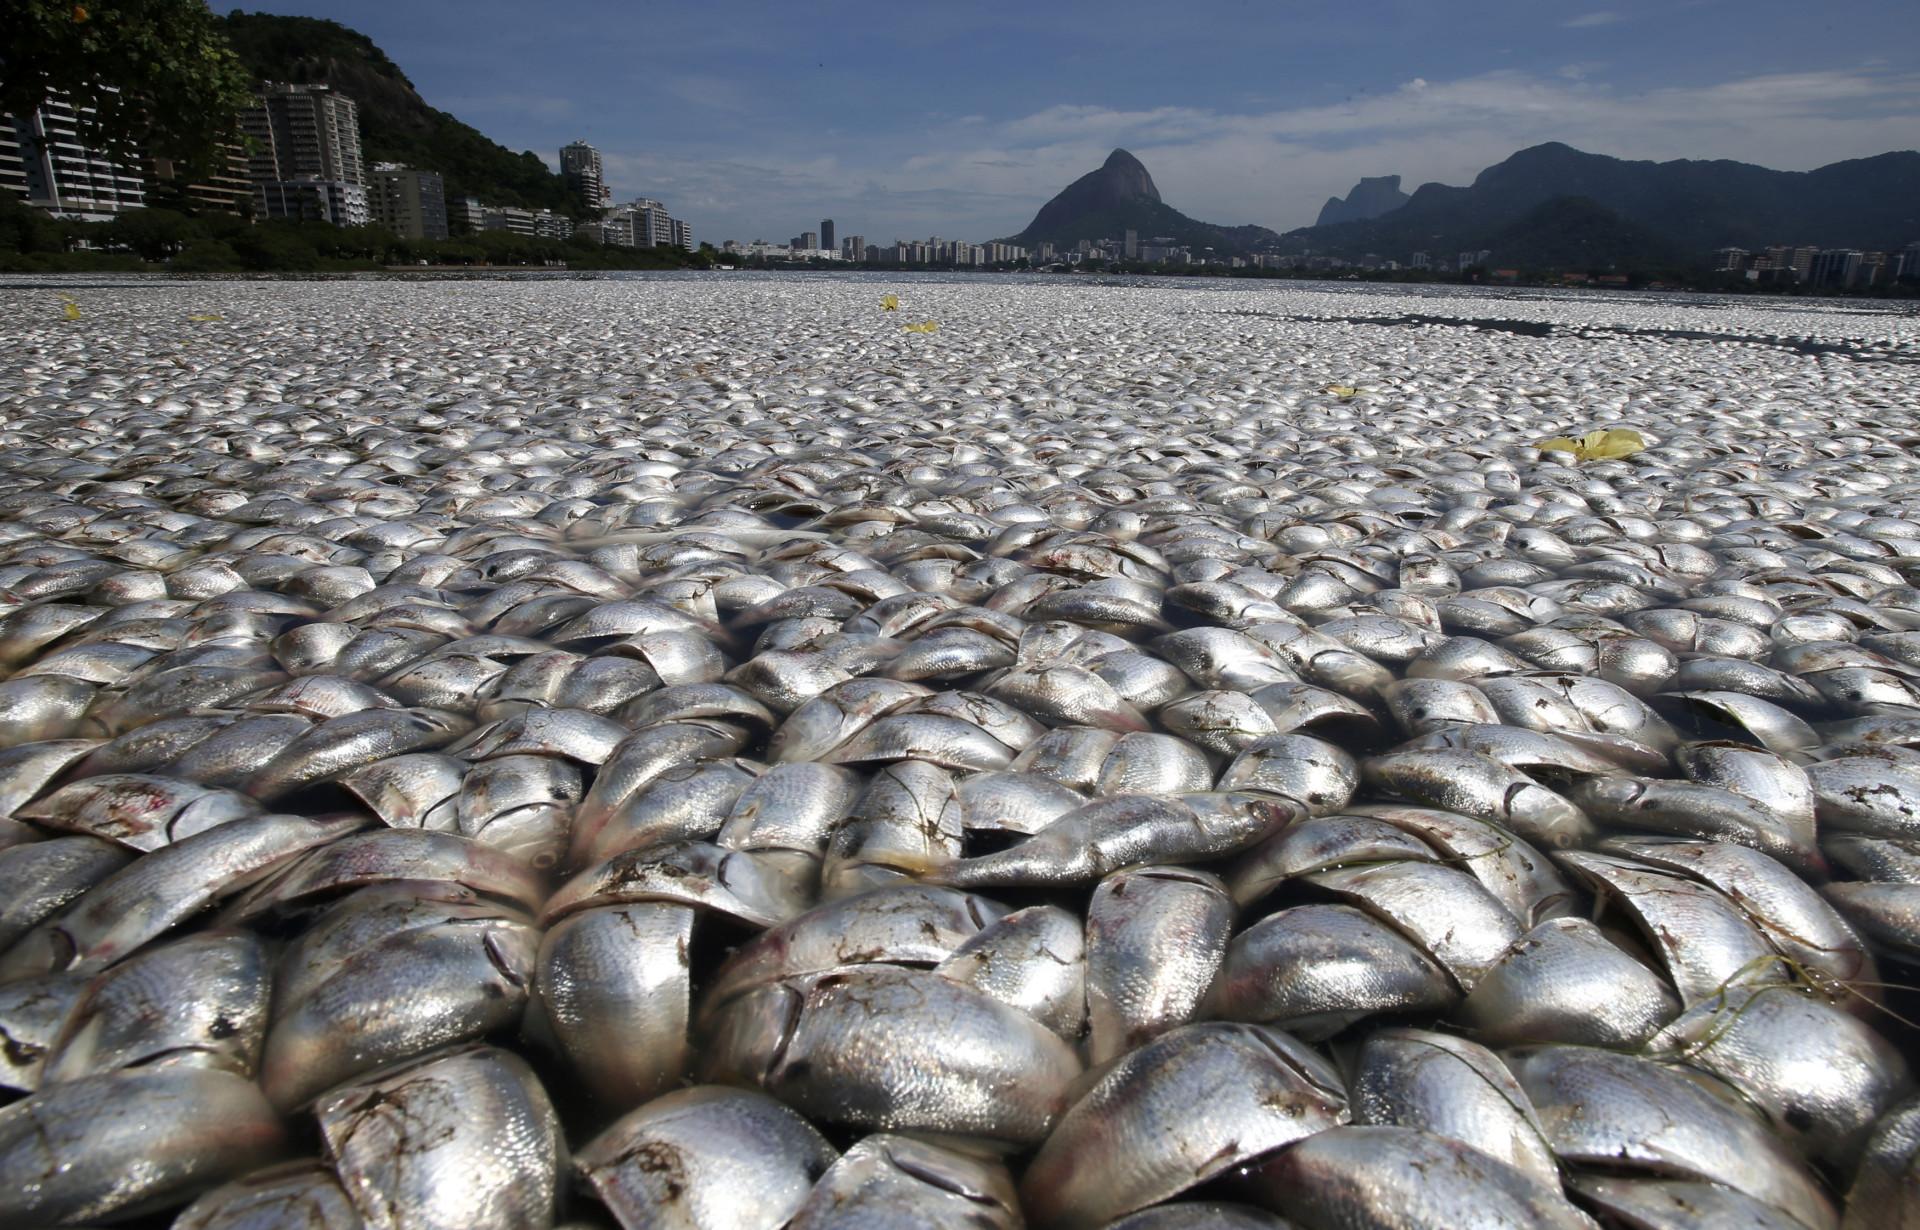 Müllkippe Meer: Fatale Folgen der Umweltverschmutzung